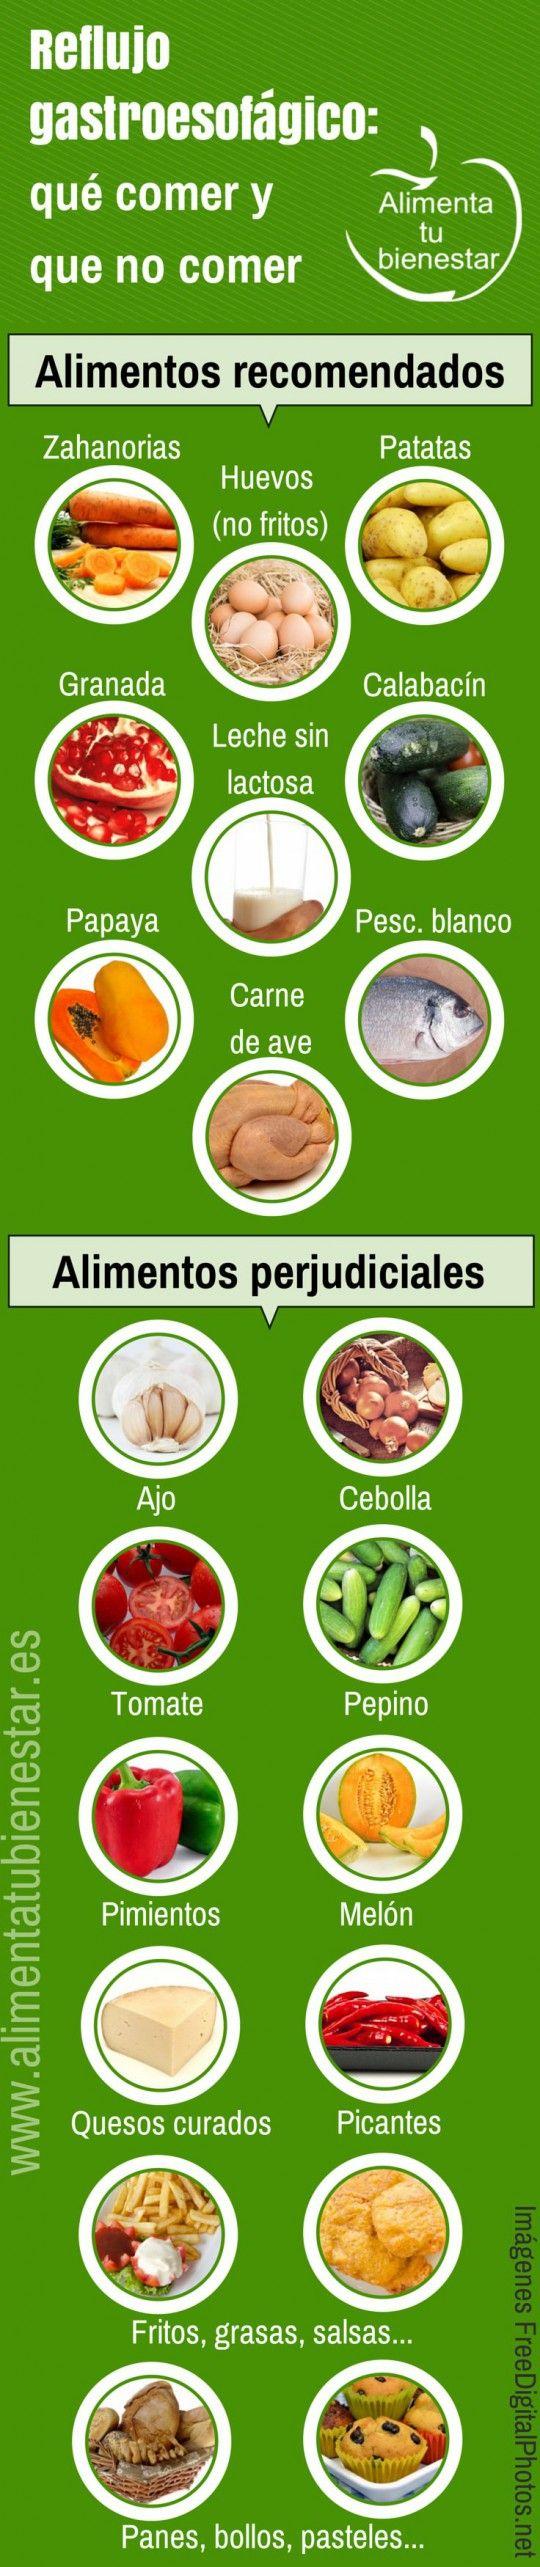 Dieta para el reflujo gastrico